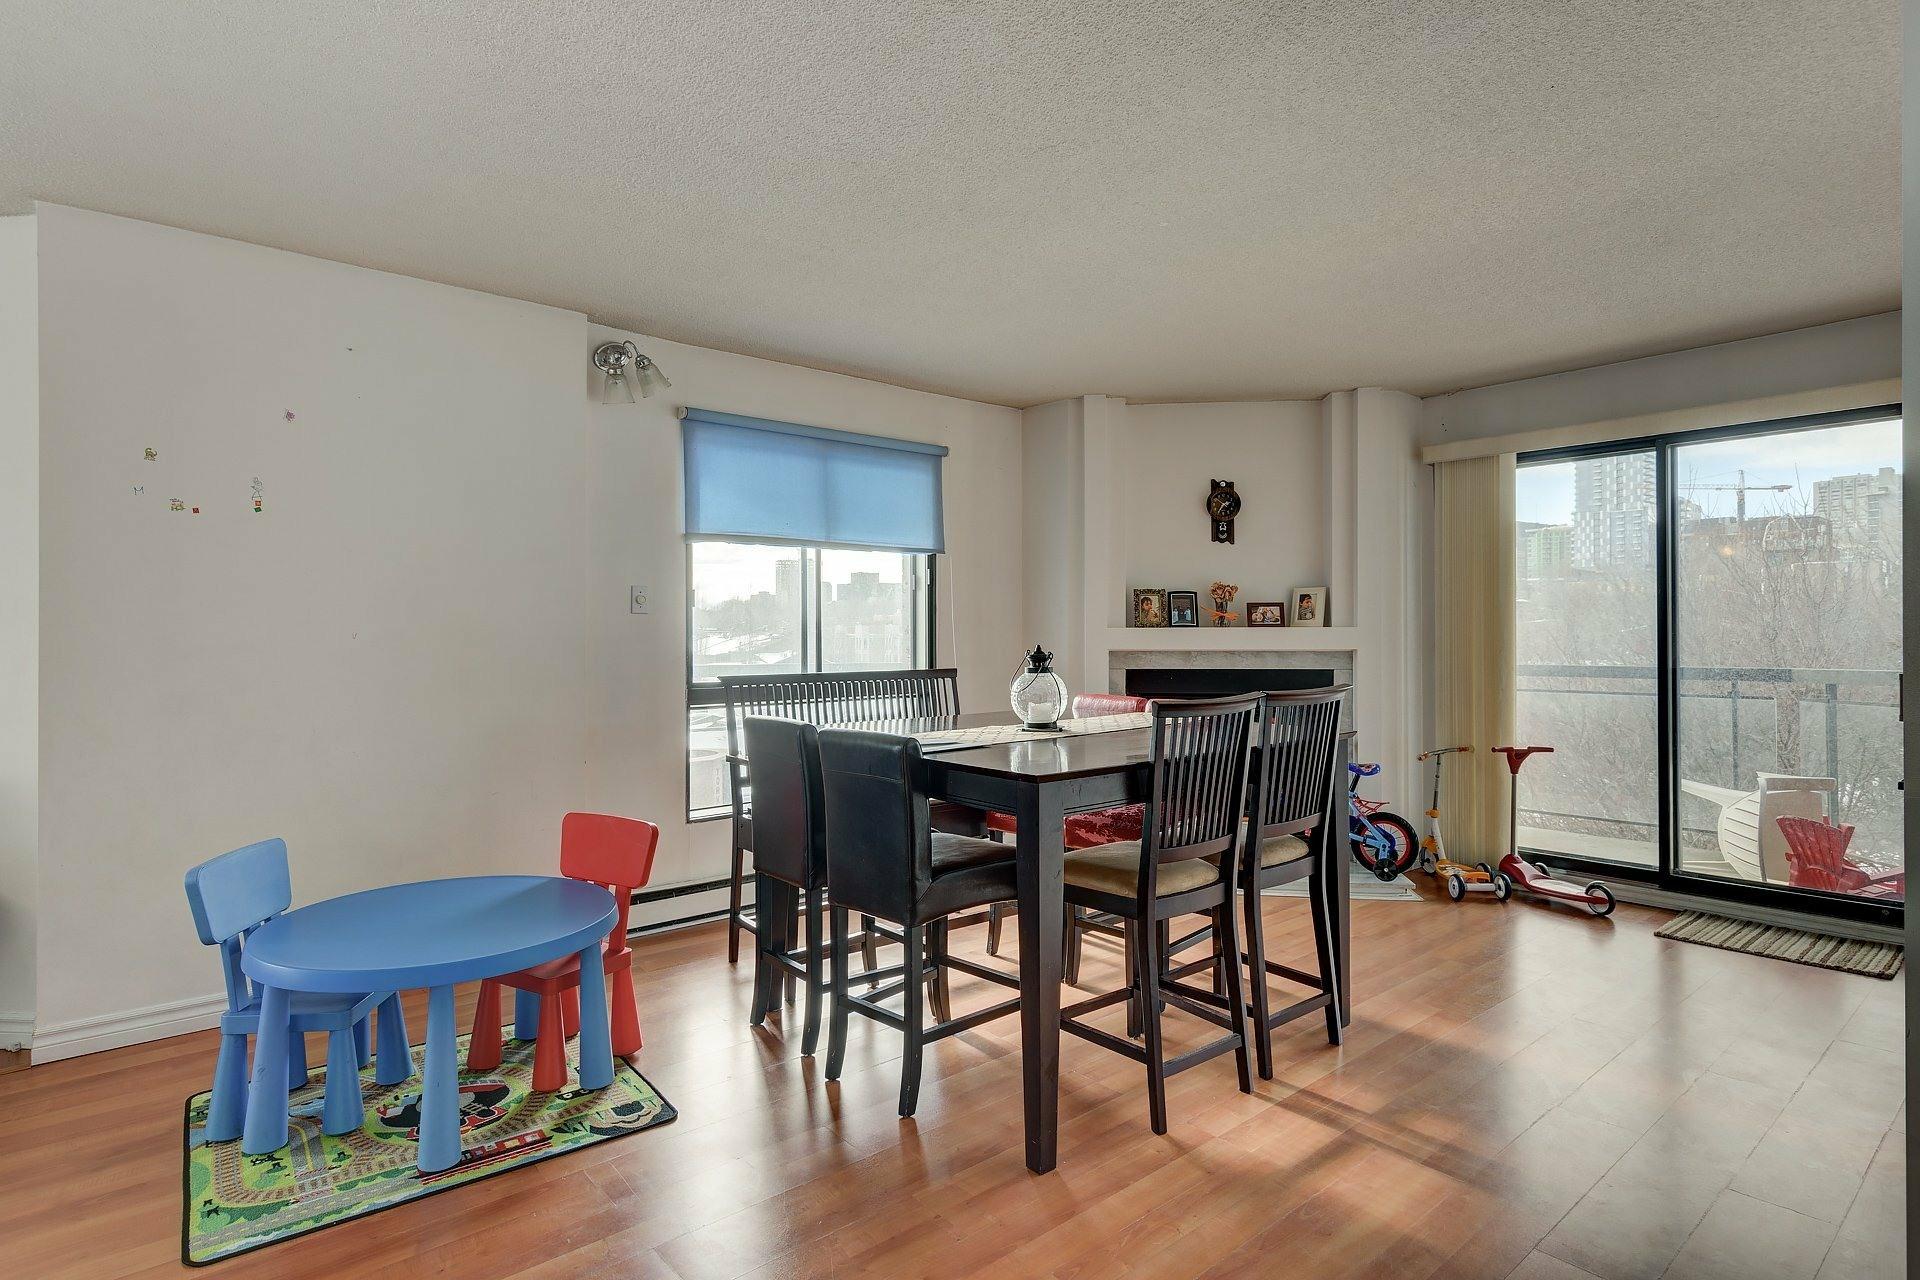 image 17 - Apartment For rent Ville-Marie Montréal  - 6 rooms